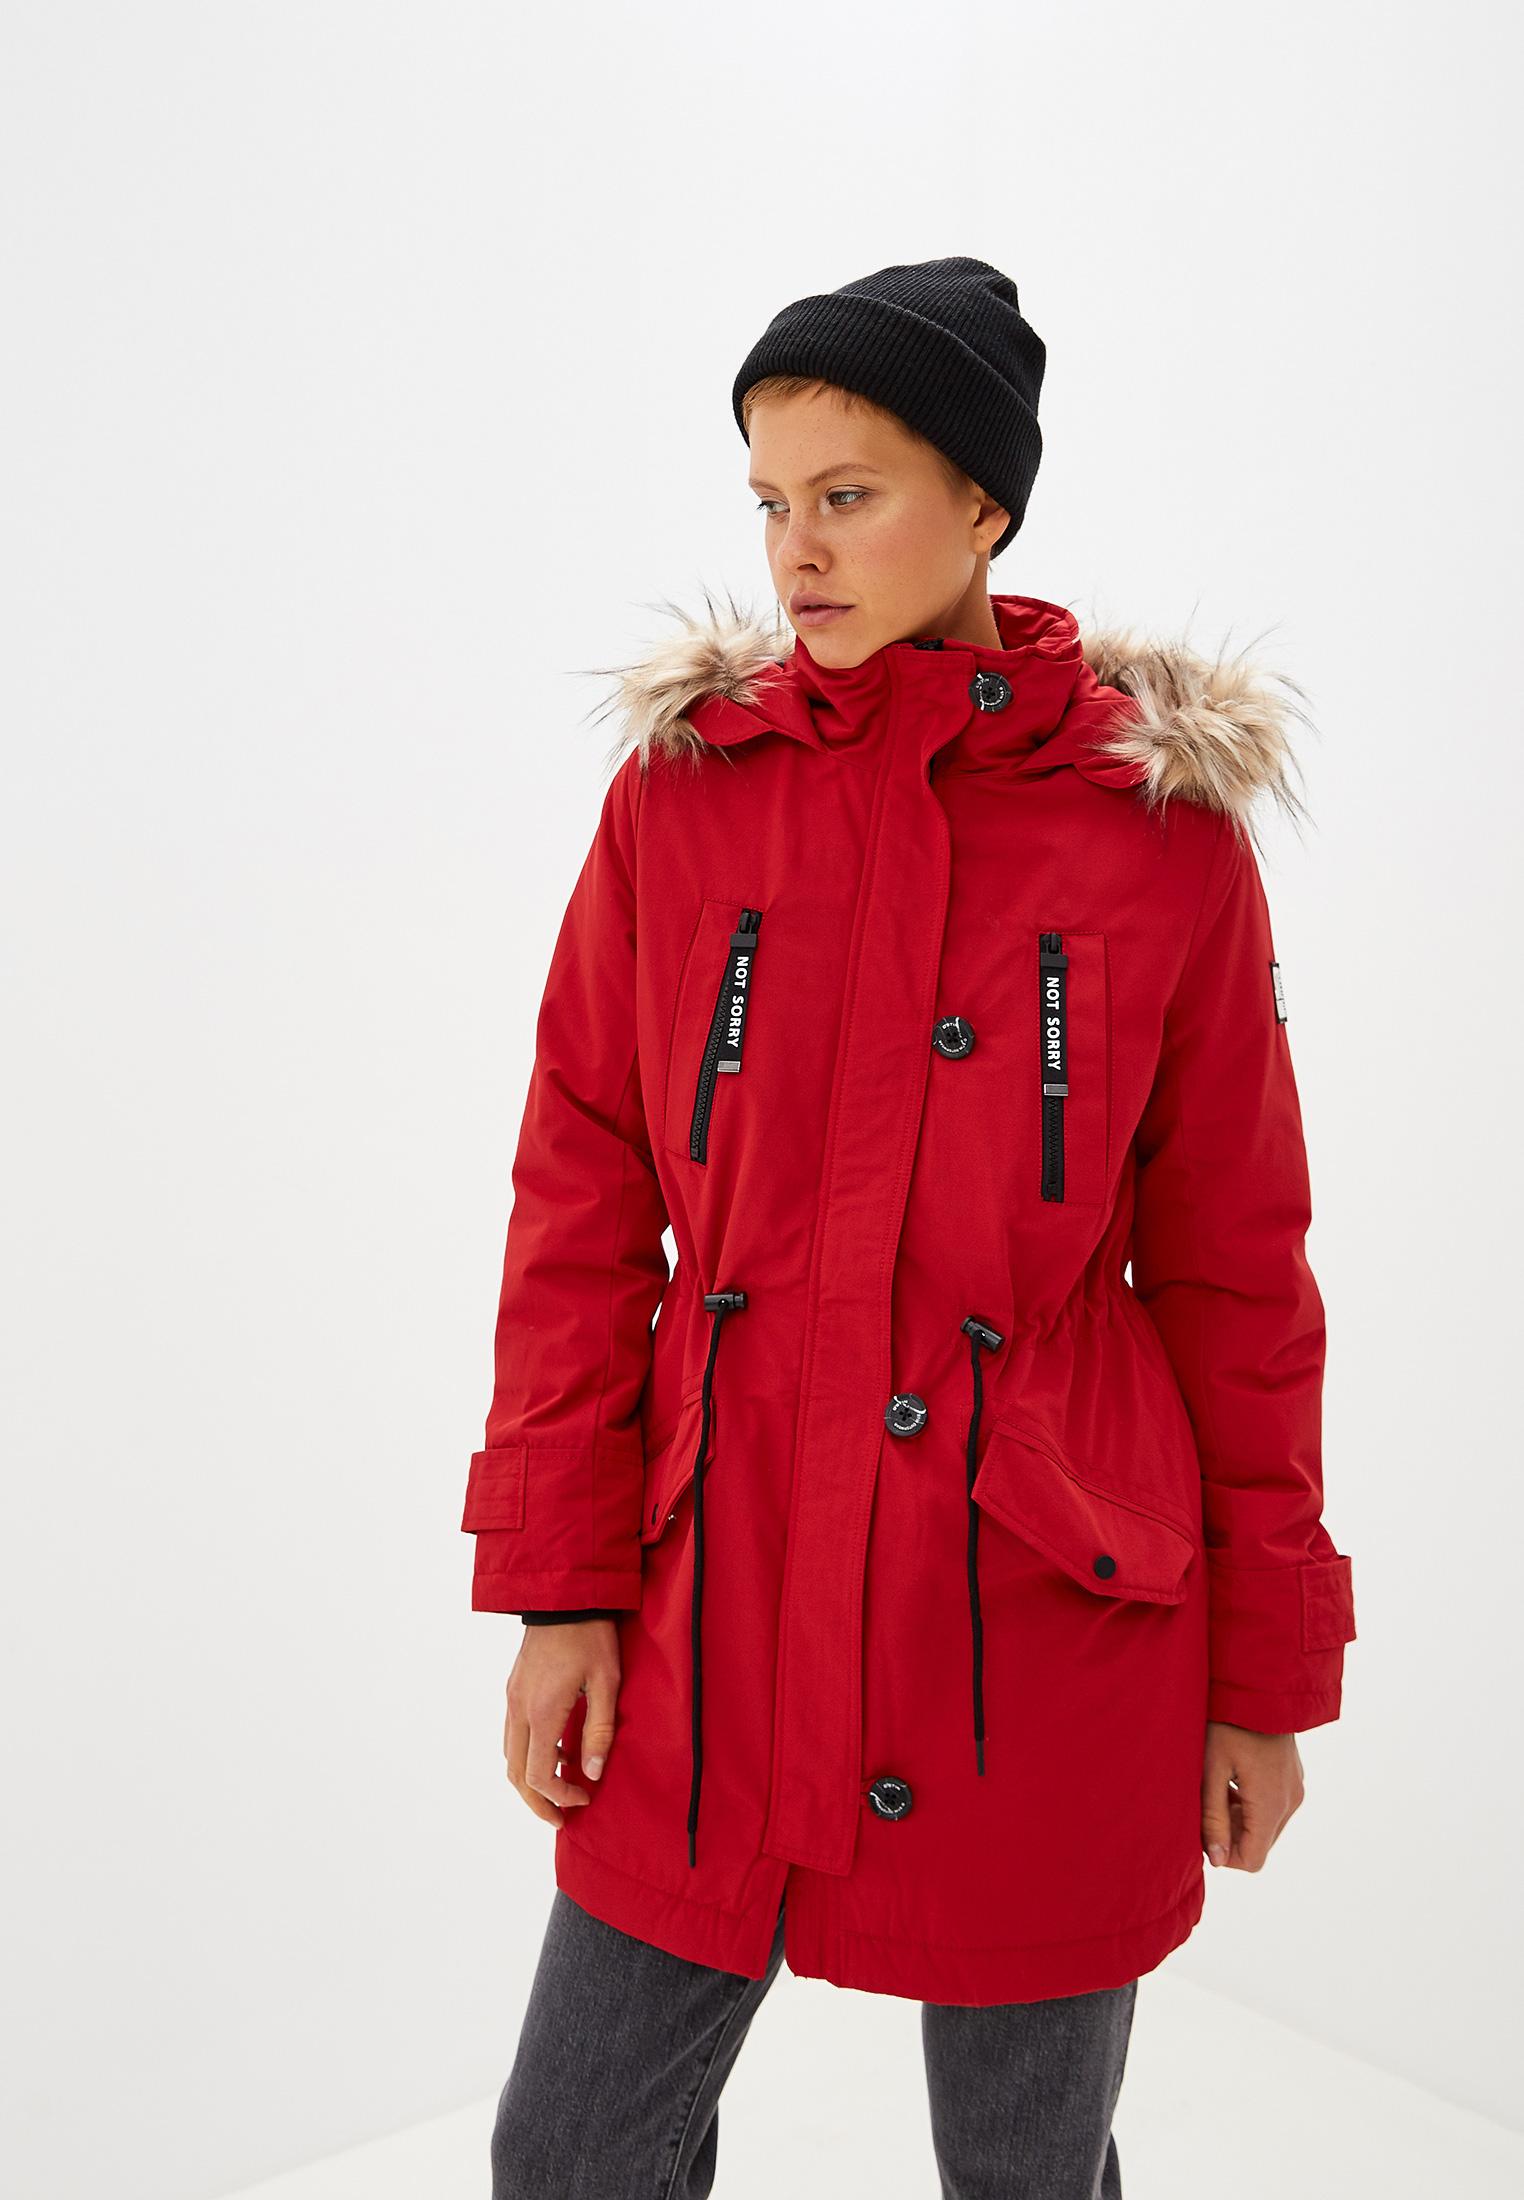 Парка, O'stin, цвет: красный. Артикул: OS004EWGGSX3. Одежда / Верхняя одежда / Парки